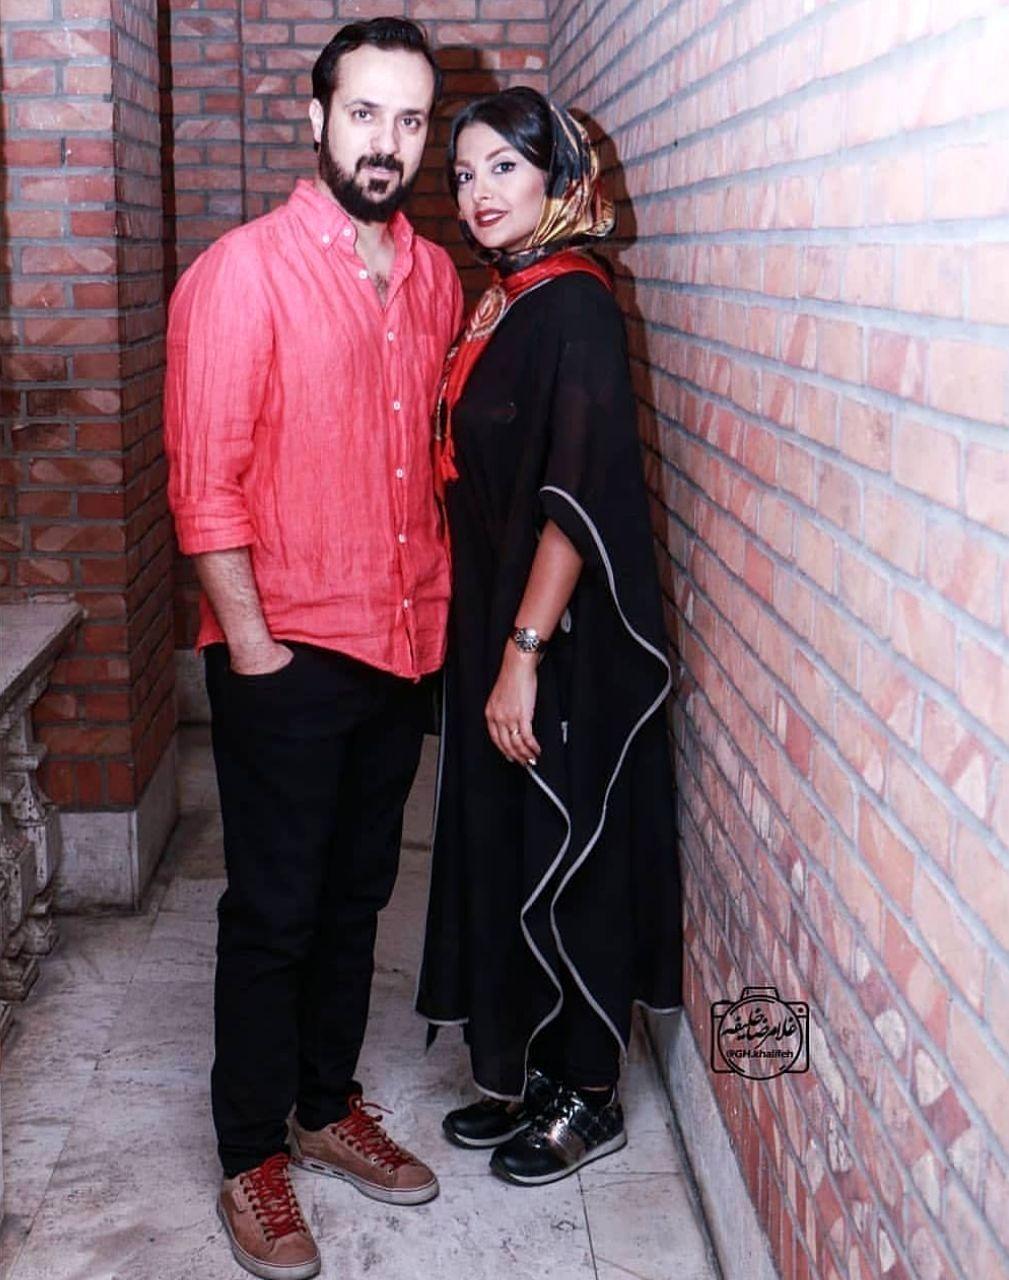 جدیدترین تصویر از احمد مهرانفر به همراه همسرش +عکس